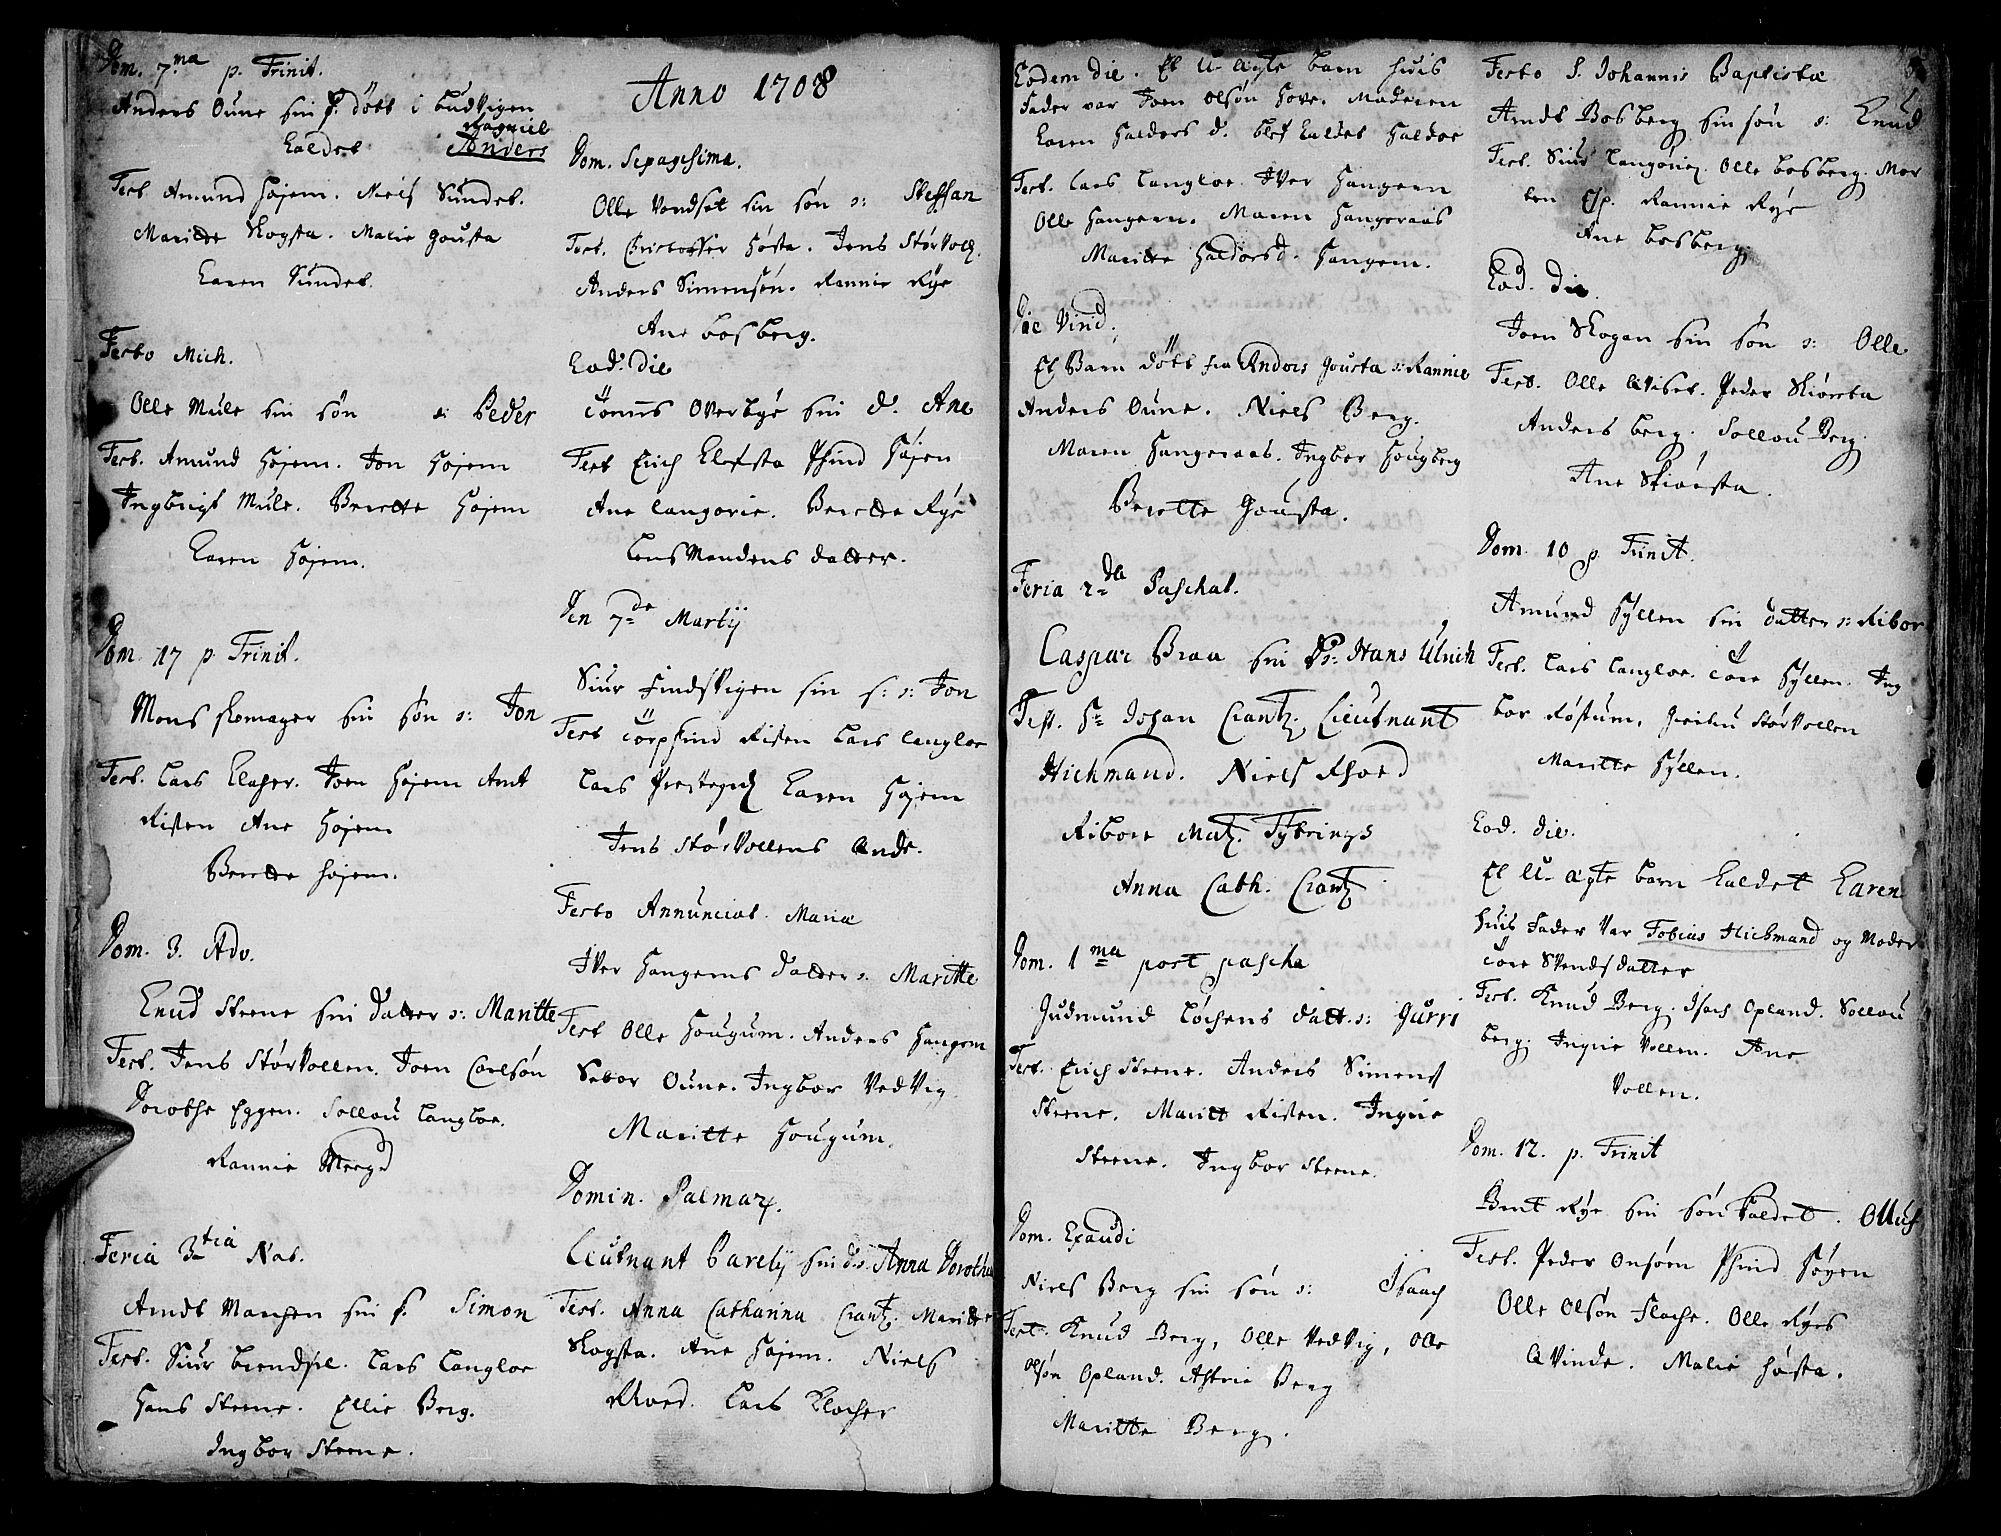 SAT, Ministerialprotokoller, klokkerbøker og fødselsregistre - Sør-Trøndelag, 612/L0368: Ministerialbok nr. 612A02, 1702-1753, s. 5